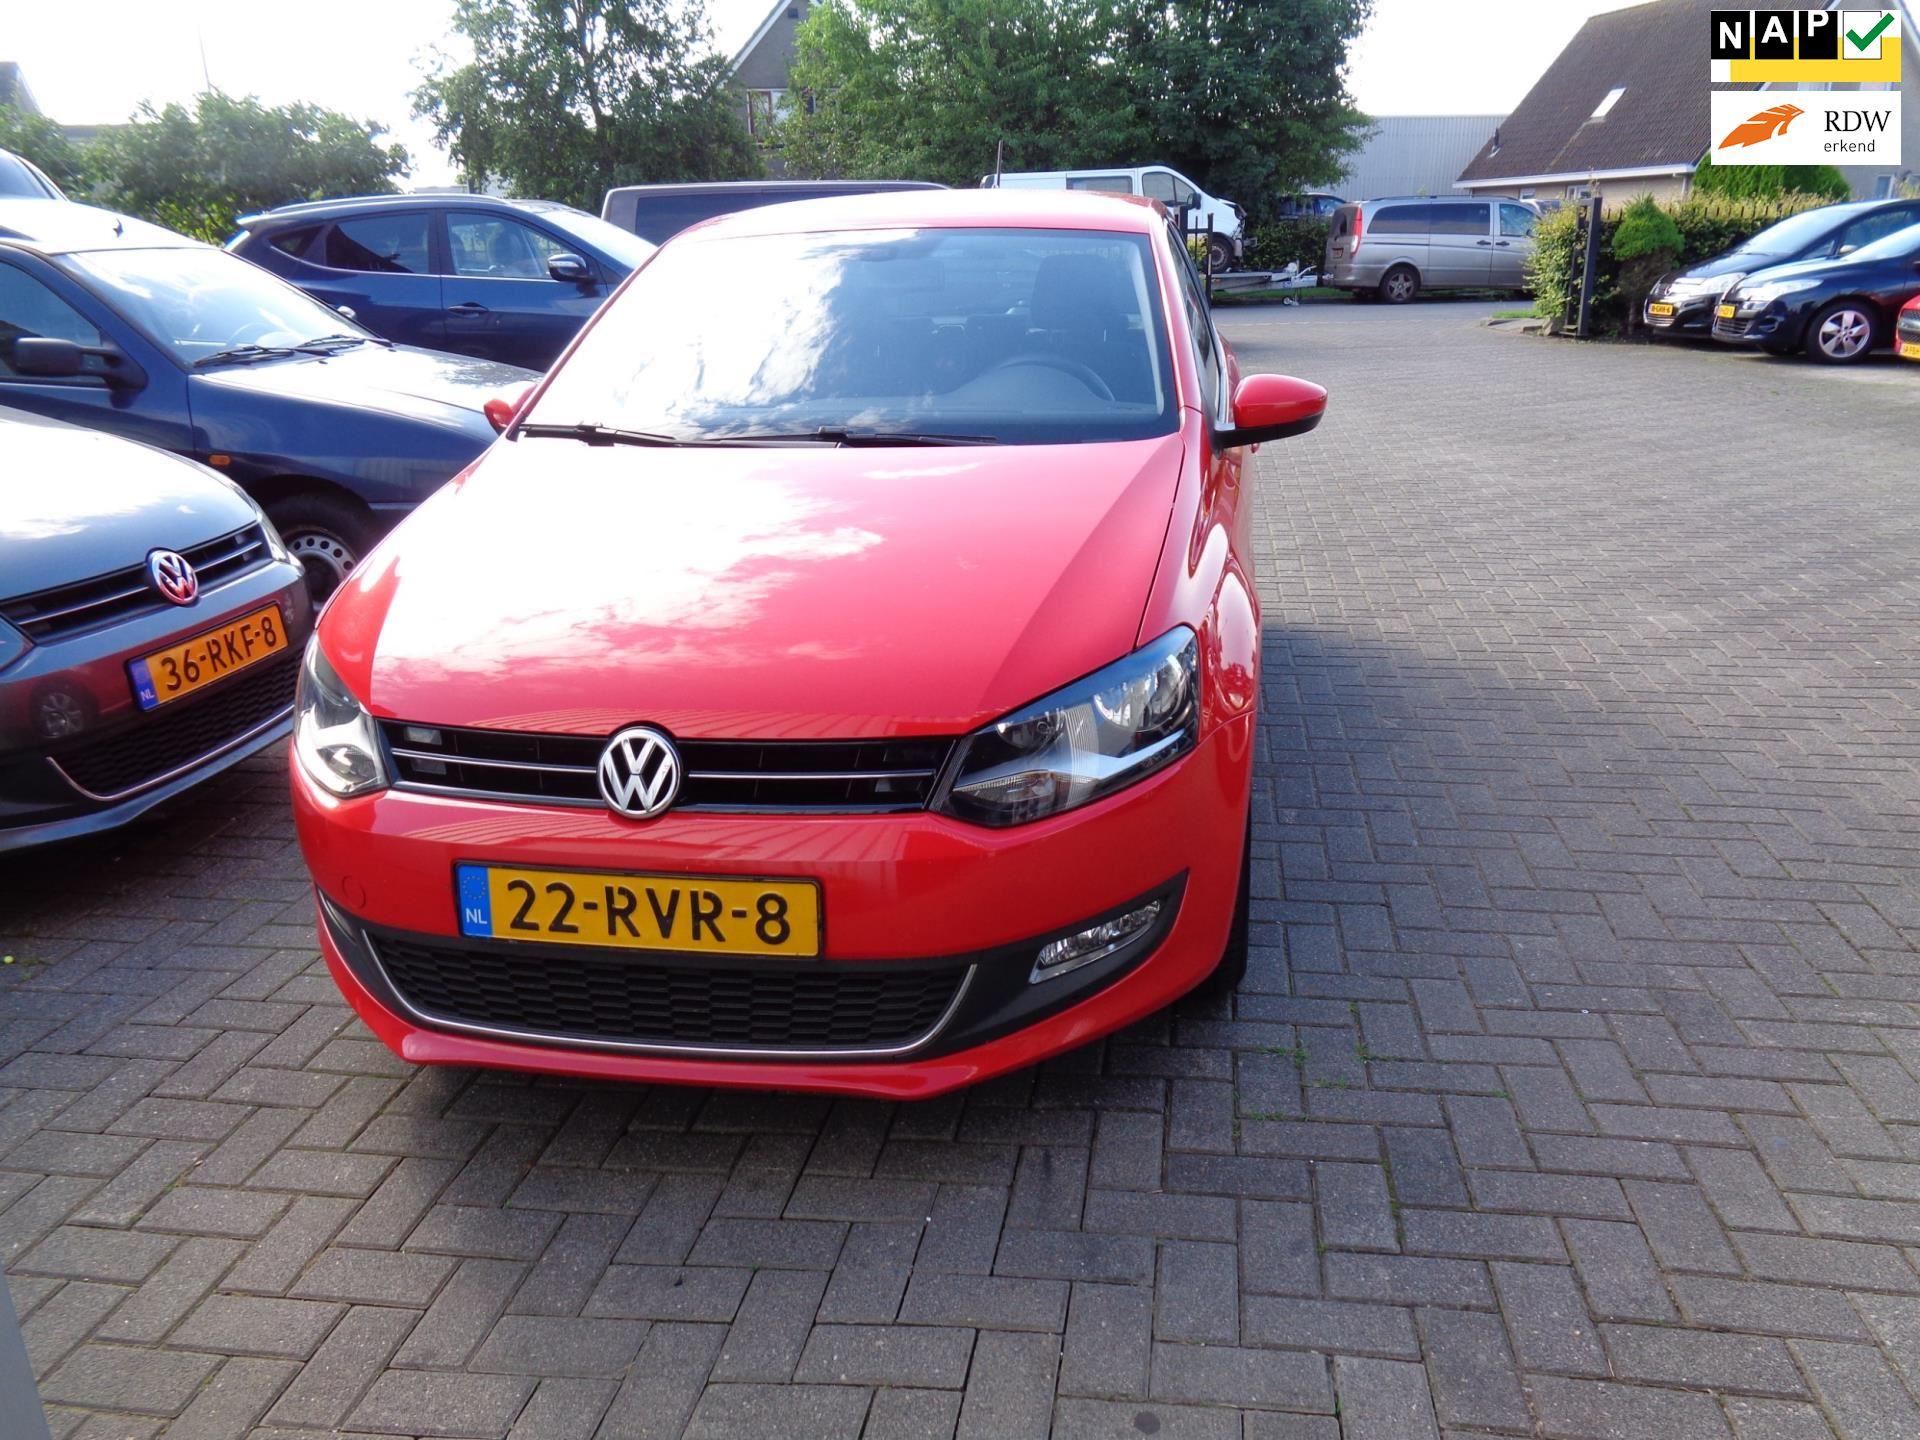 Volkswagen Polo occasion - Autobedrijf M. Joelfan